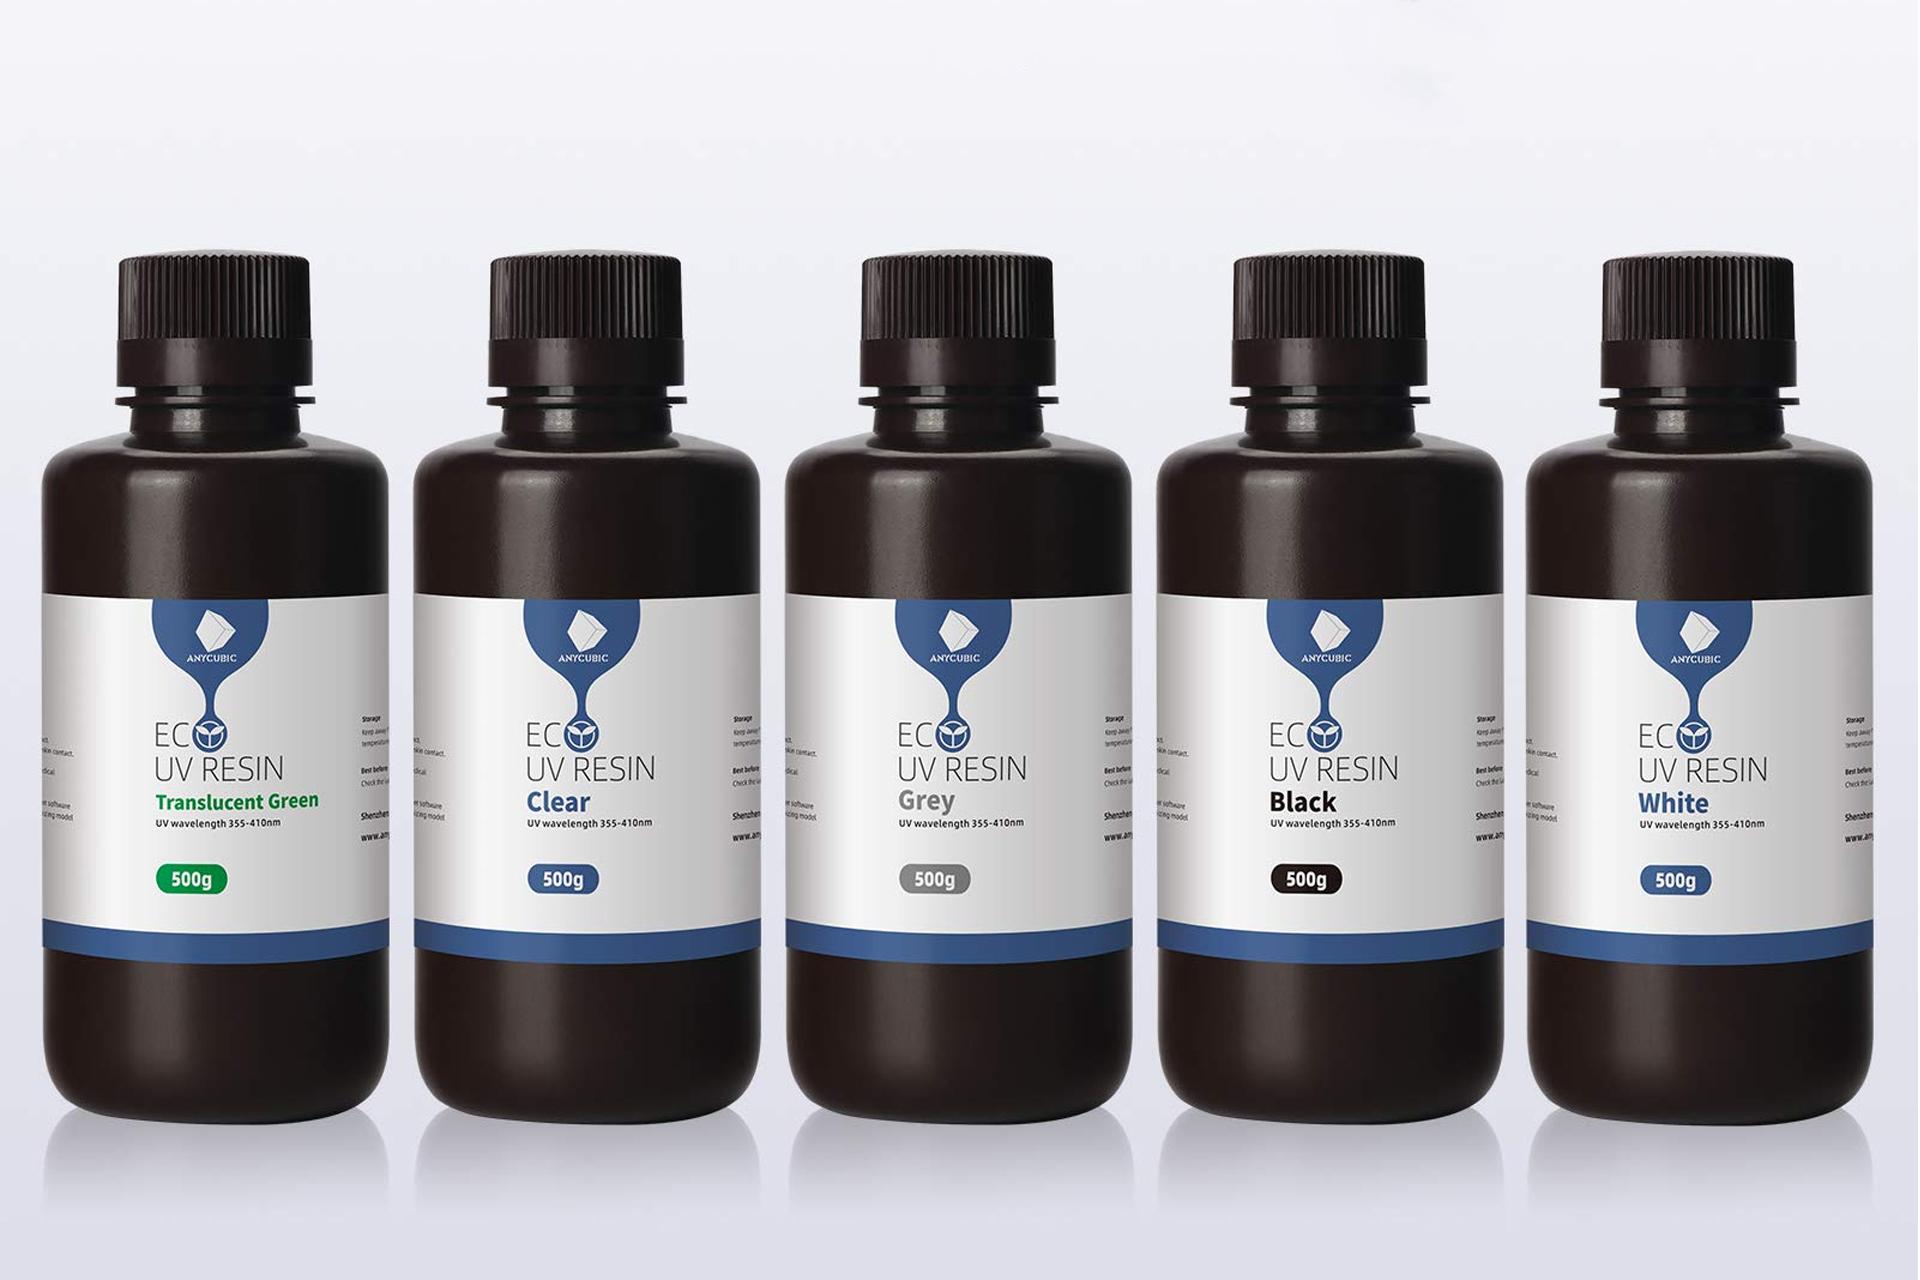 Экологичная фотополимерная смола Anycubic UV resin (plant-based), ECO 500мл купить киев харьков днепр одесса запорожье львов 1